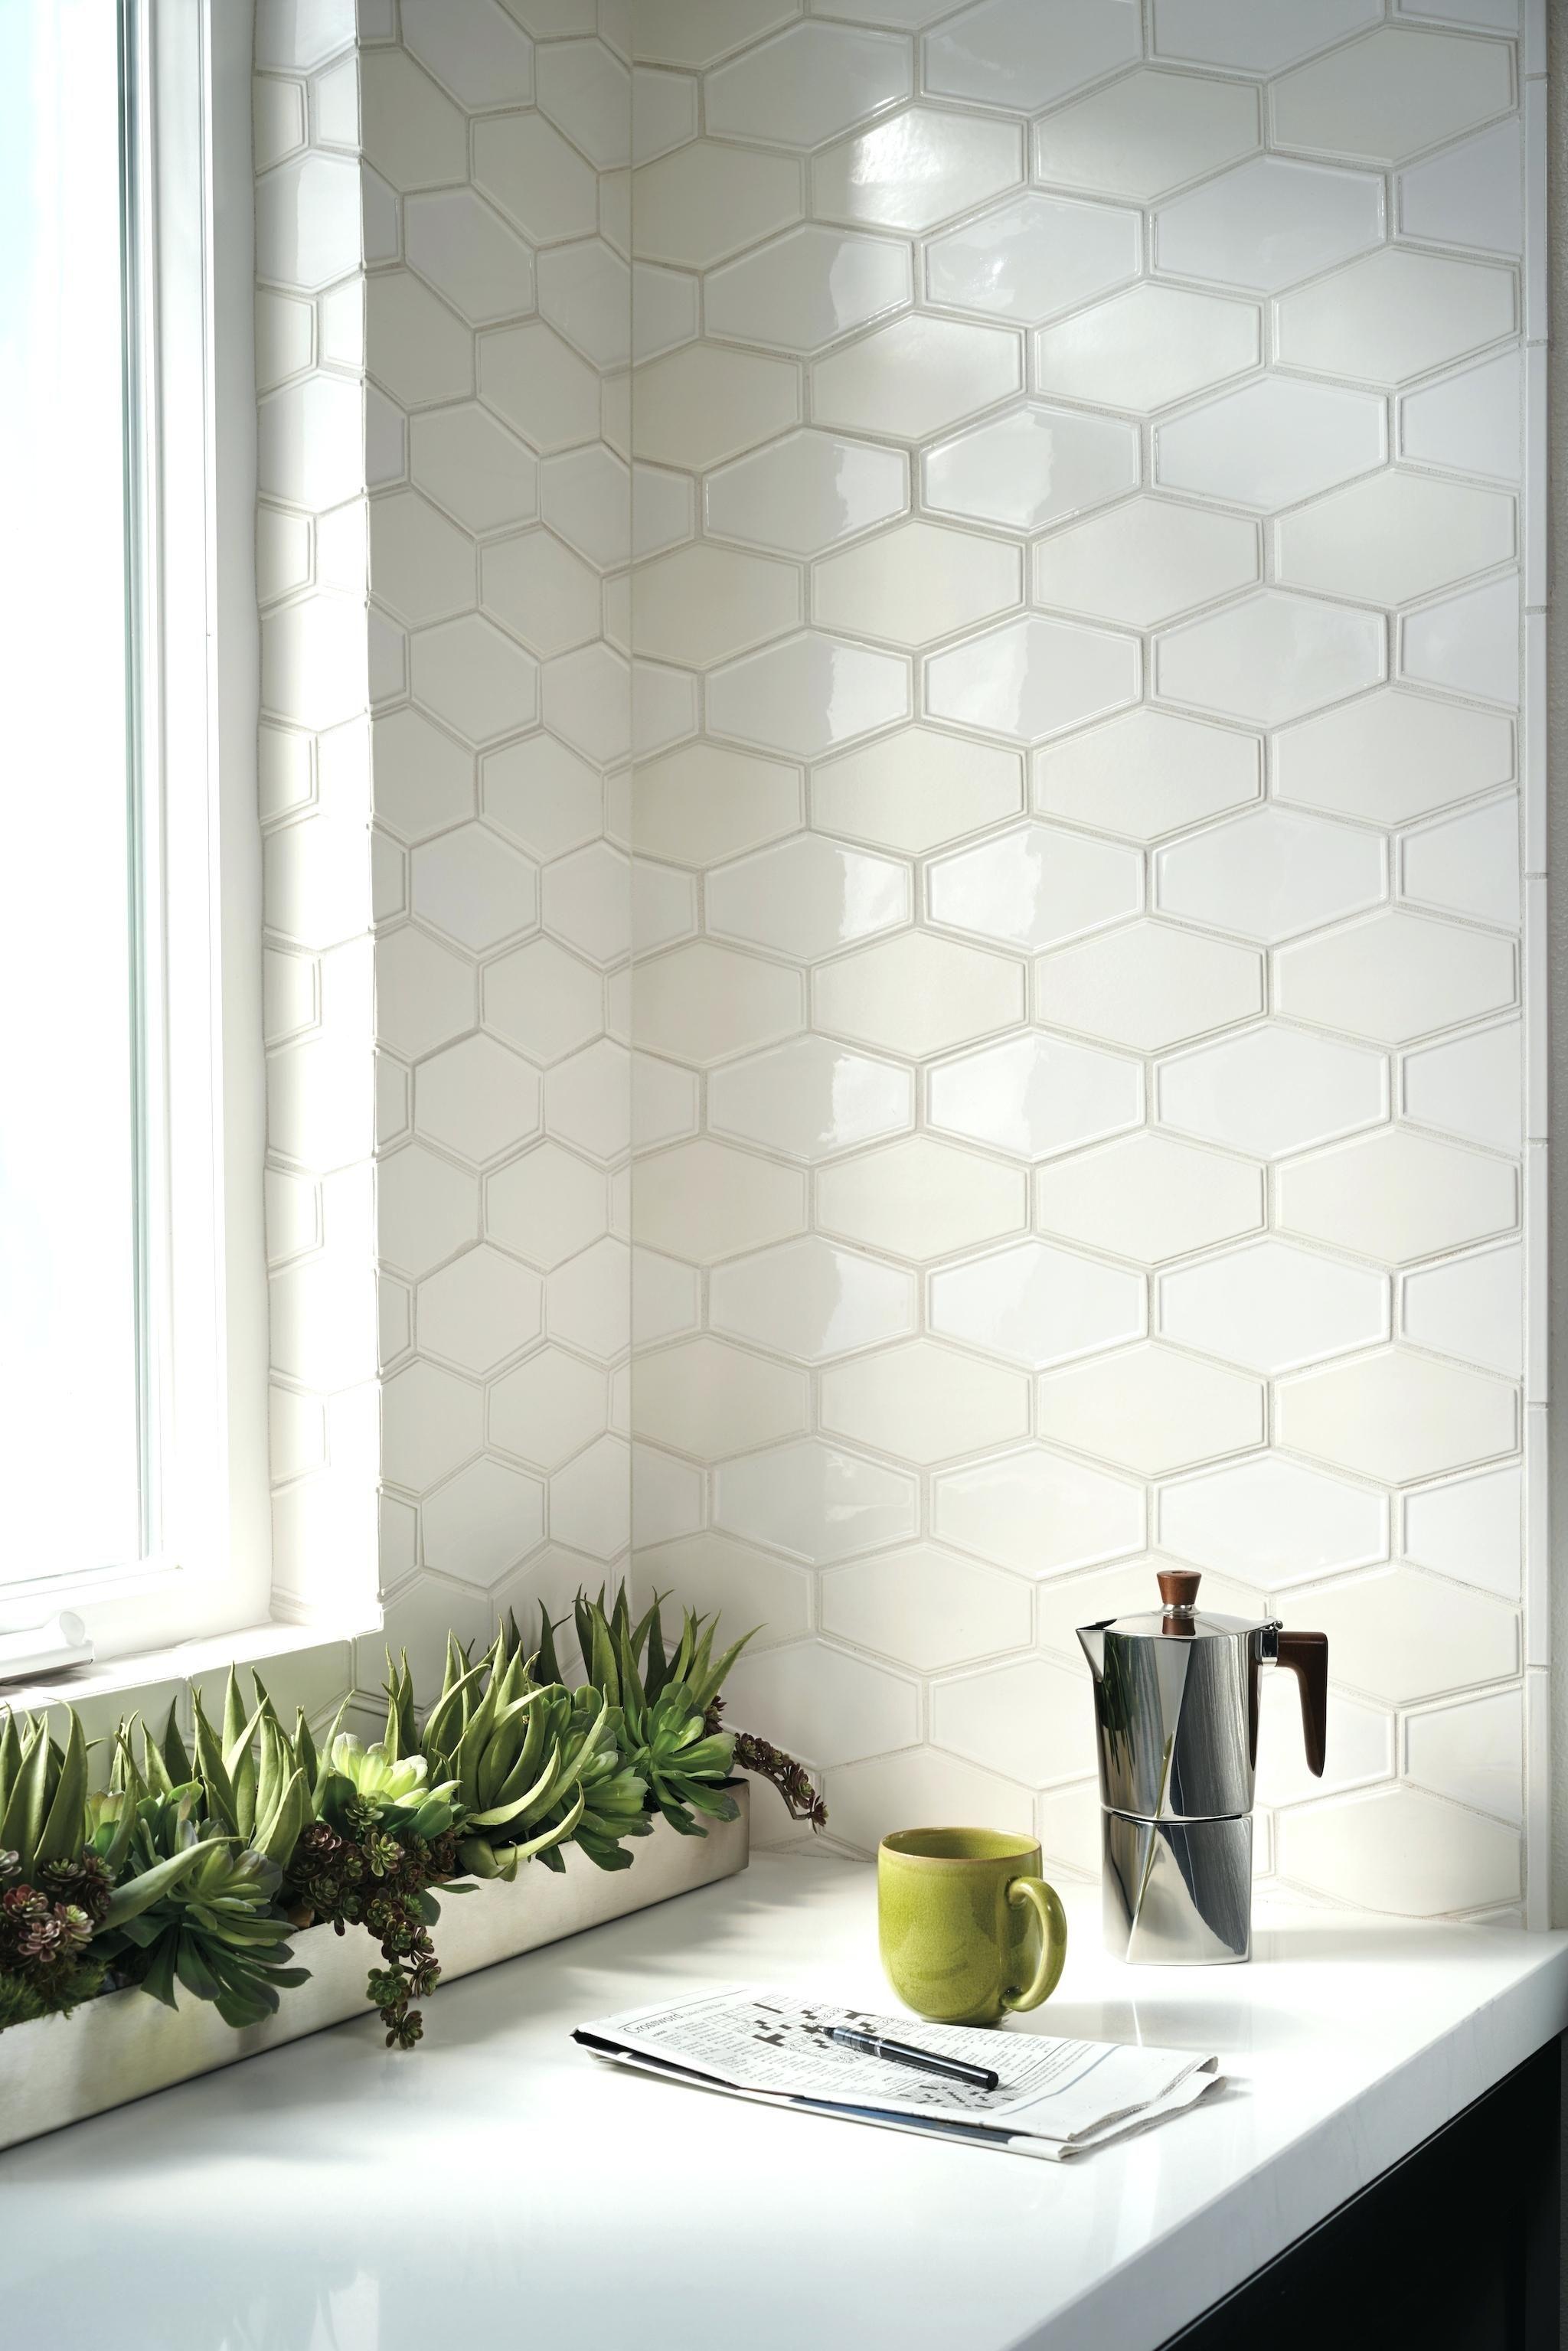 - Hexagonal Tile Backsplash Frame By Made By Sacks Ceramic Tile